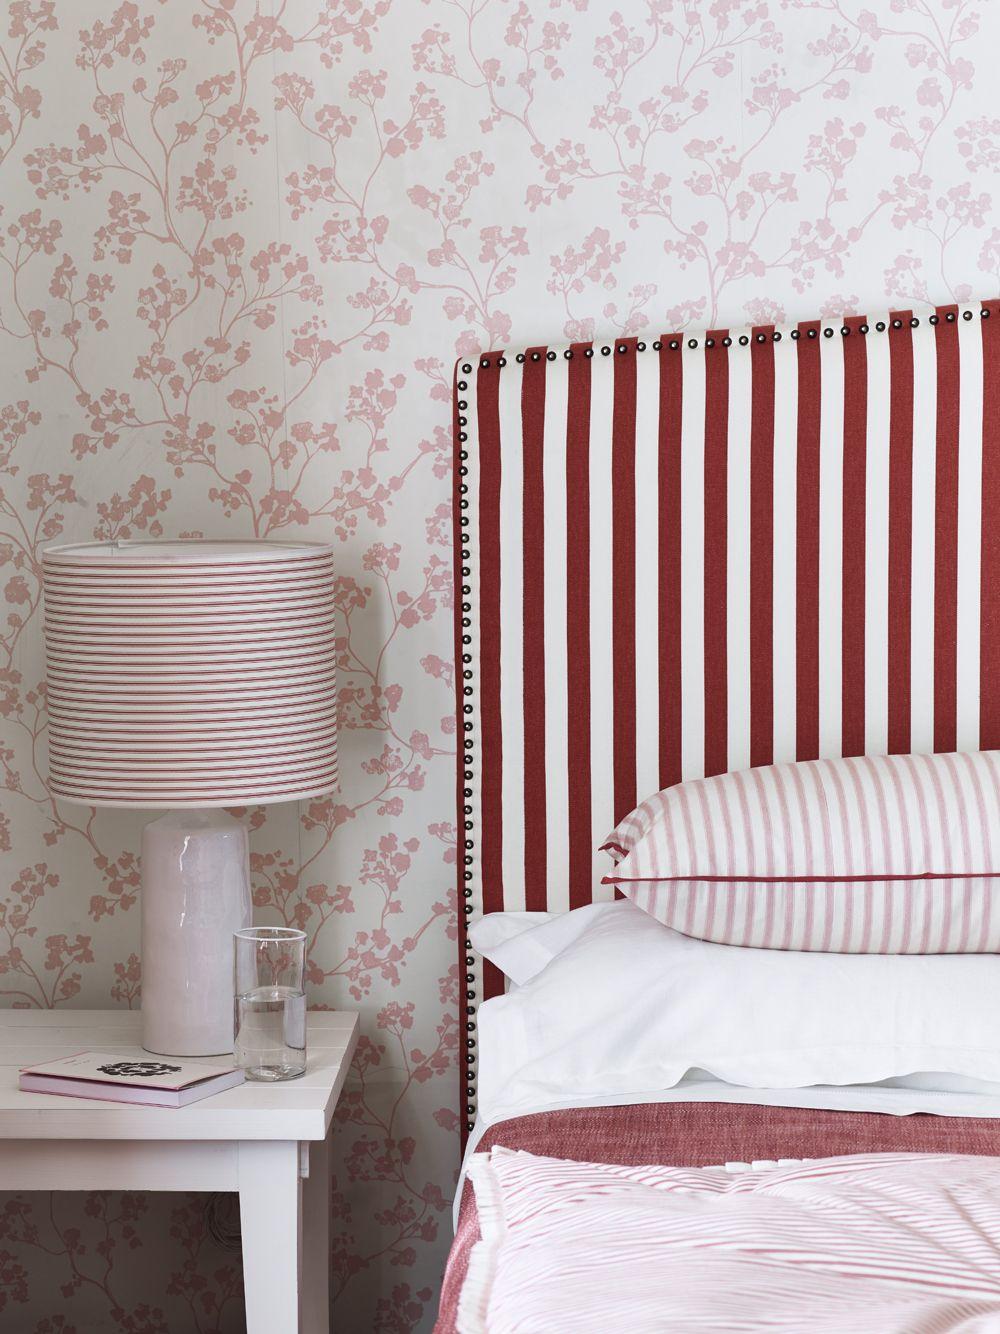 Best Ian Mankin Fabric Wallpaper Bedheads In 2019 Striped 400 x 300